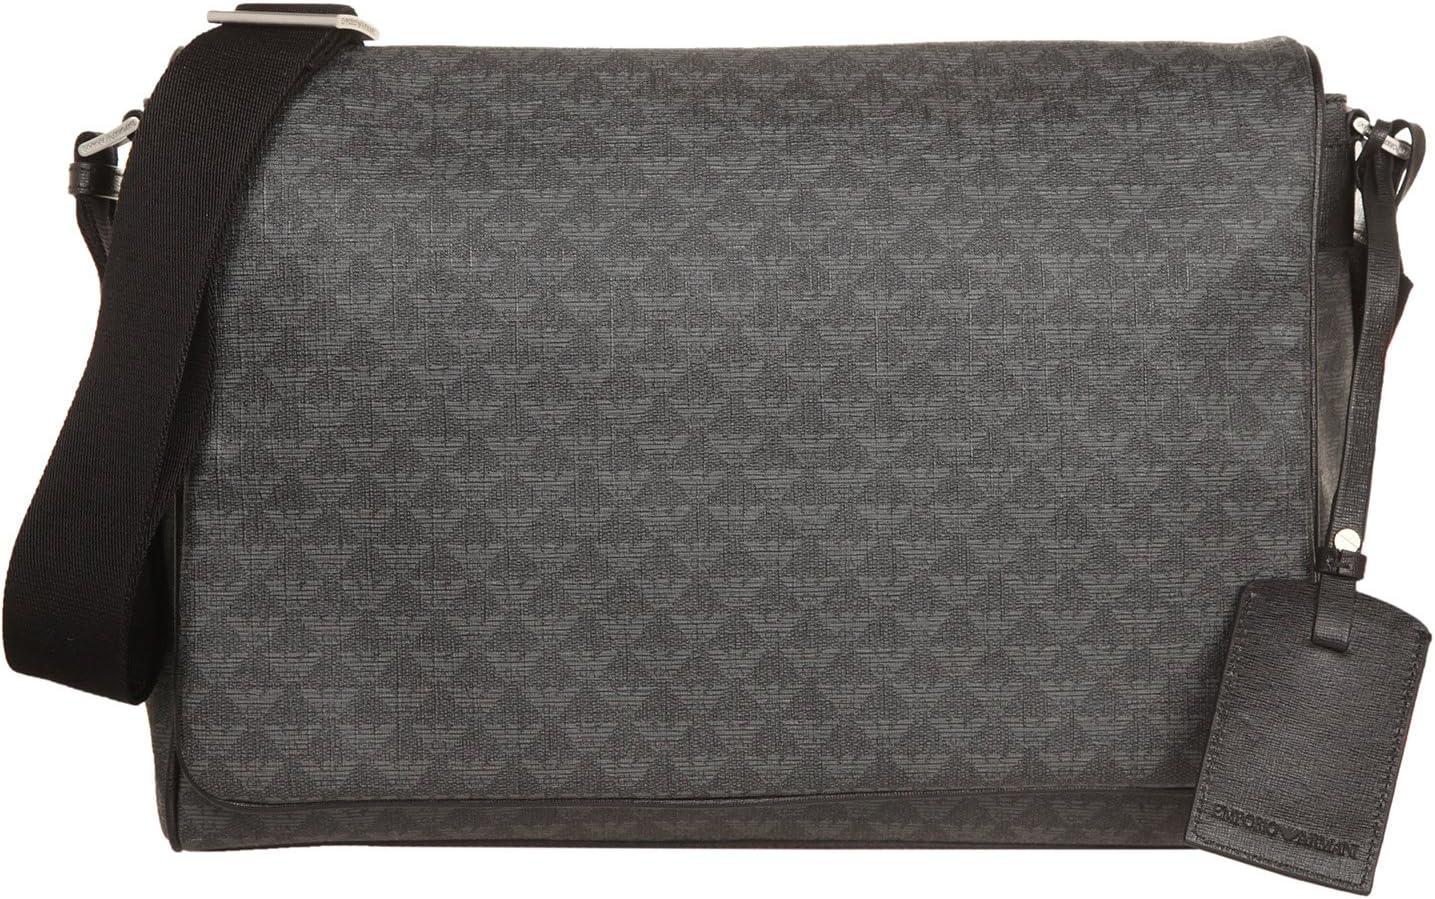 Emporio Armani Men's Messenger Bag (One Size, Lavagna/Nero)